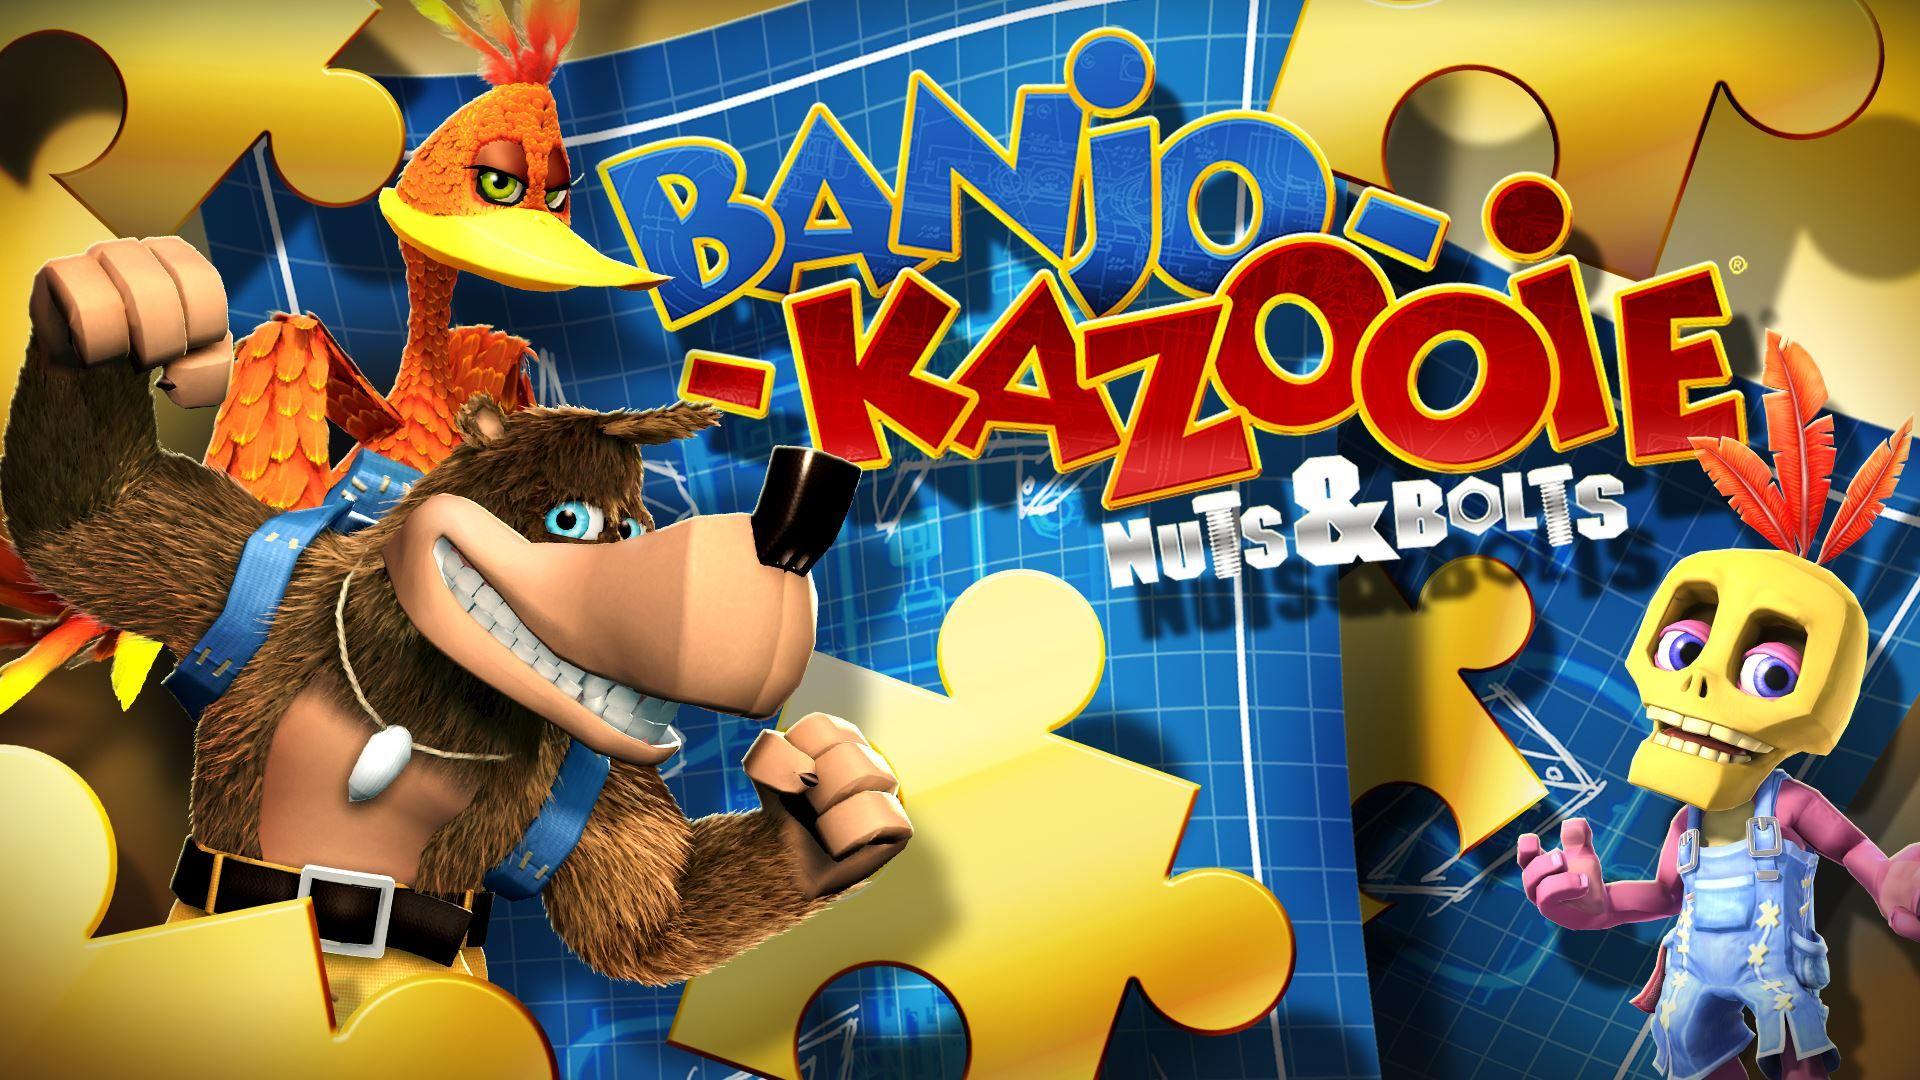 Banjo Kazooie Nuts Bolts Xboxone Avec Images Jeux